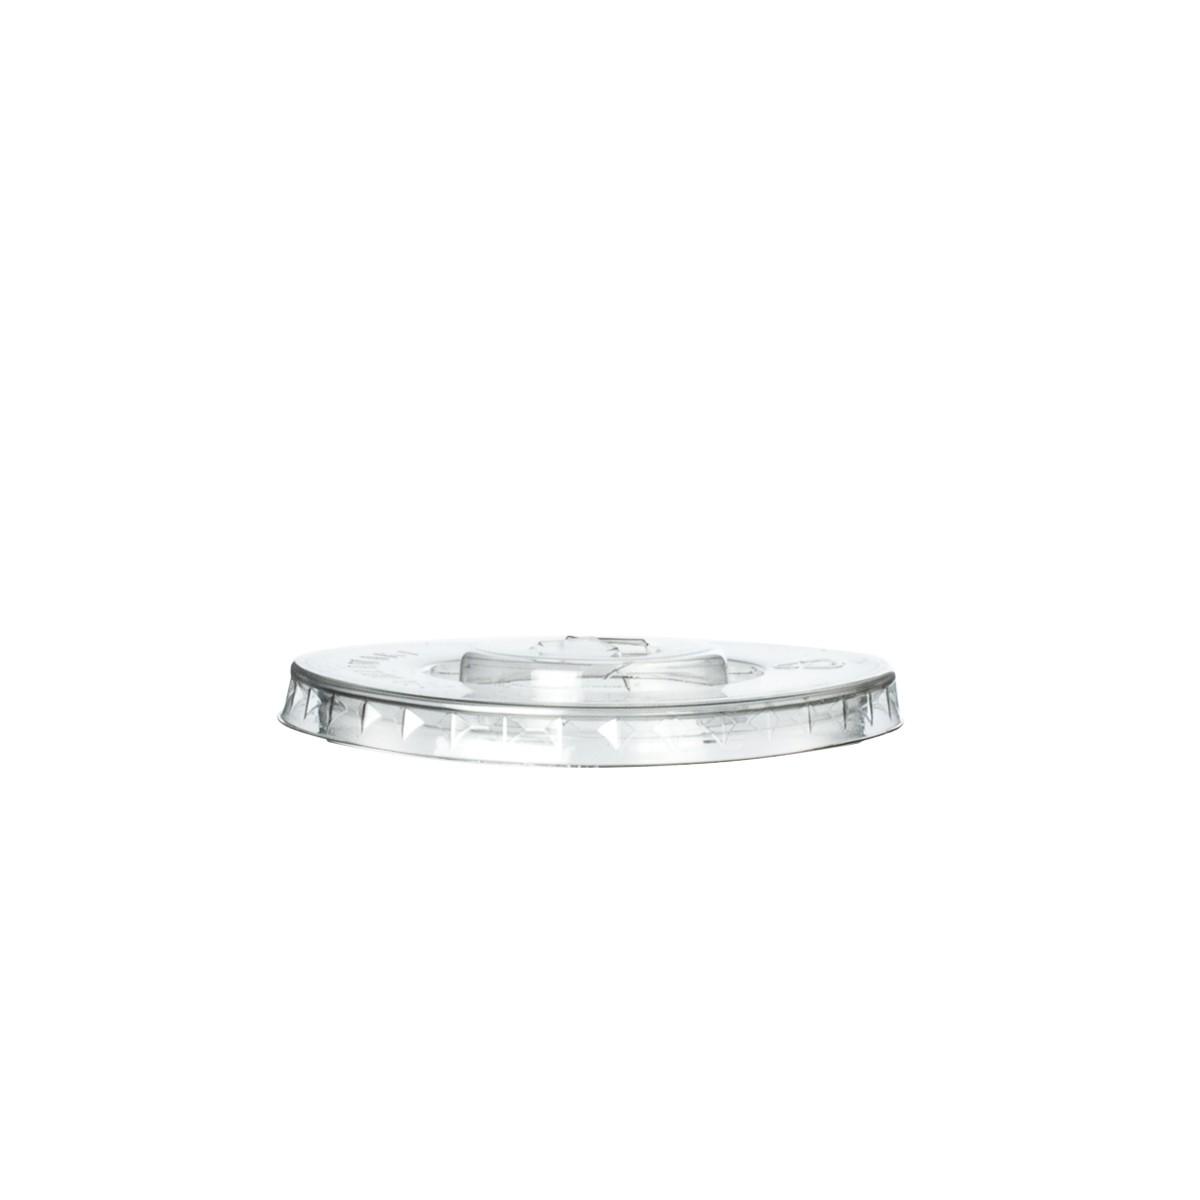 Couvercle plat pour gobelet en plastique recycle 20 et 25 cl